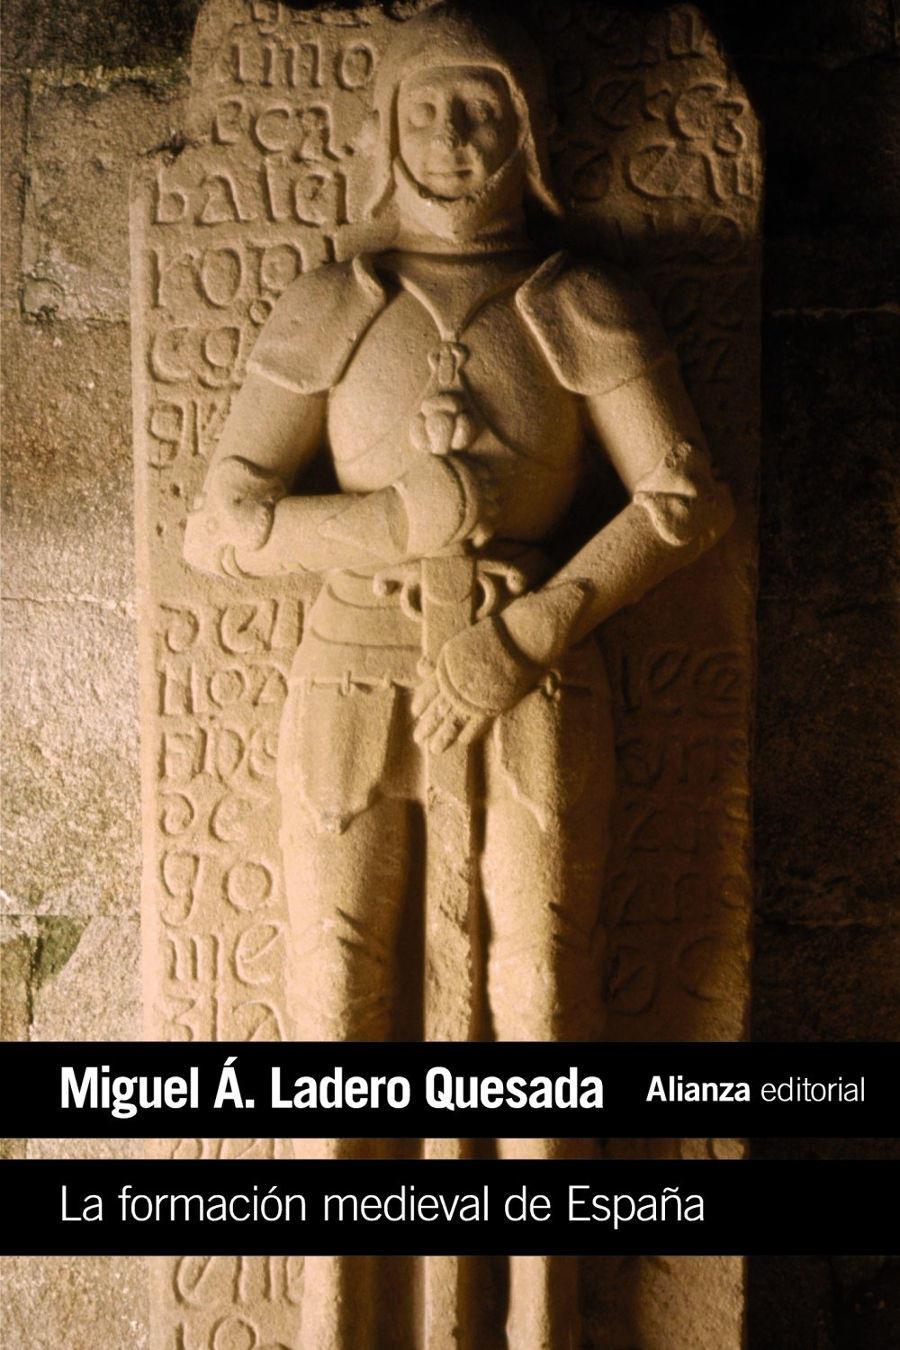 La formación medieval de España: Territorios. Regiones. Reinos Book Cover